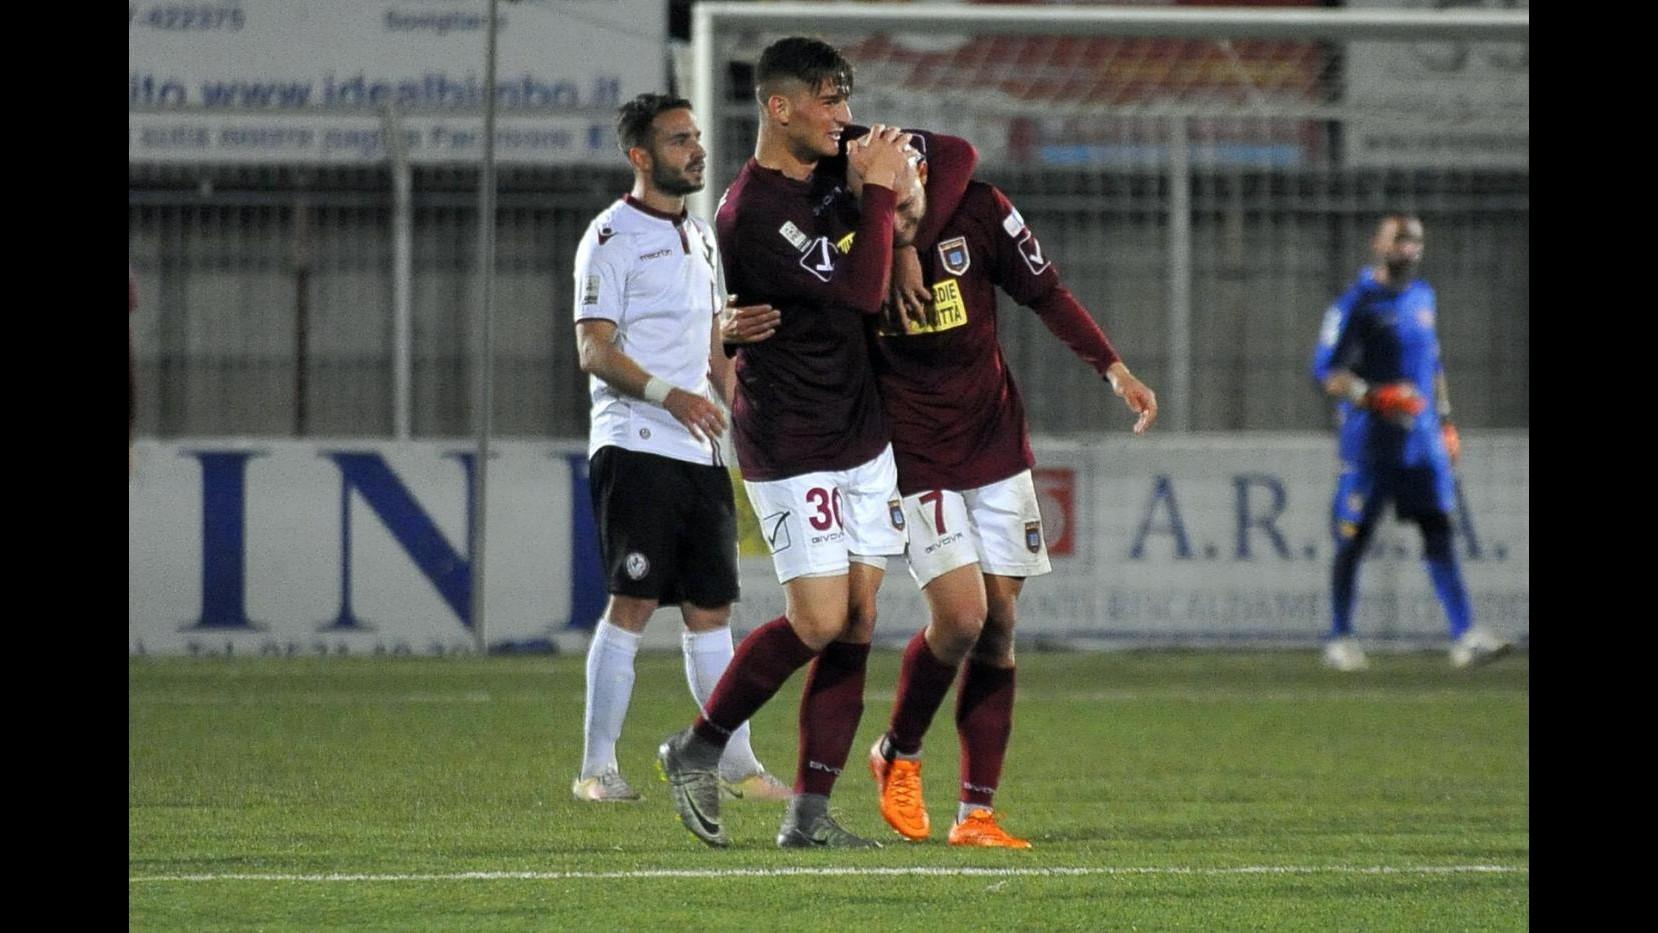 FOTO Pontedera supera Arezzo 3-2